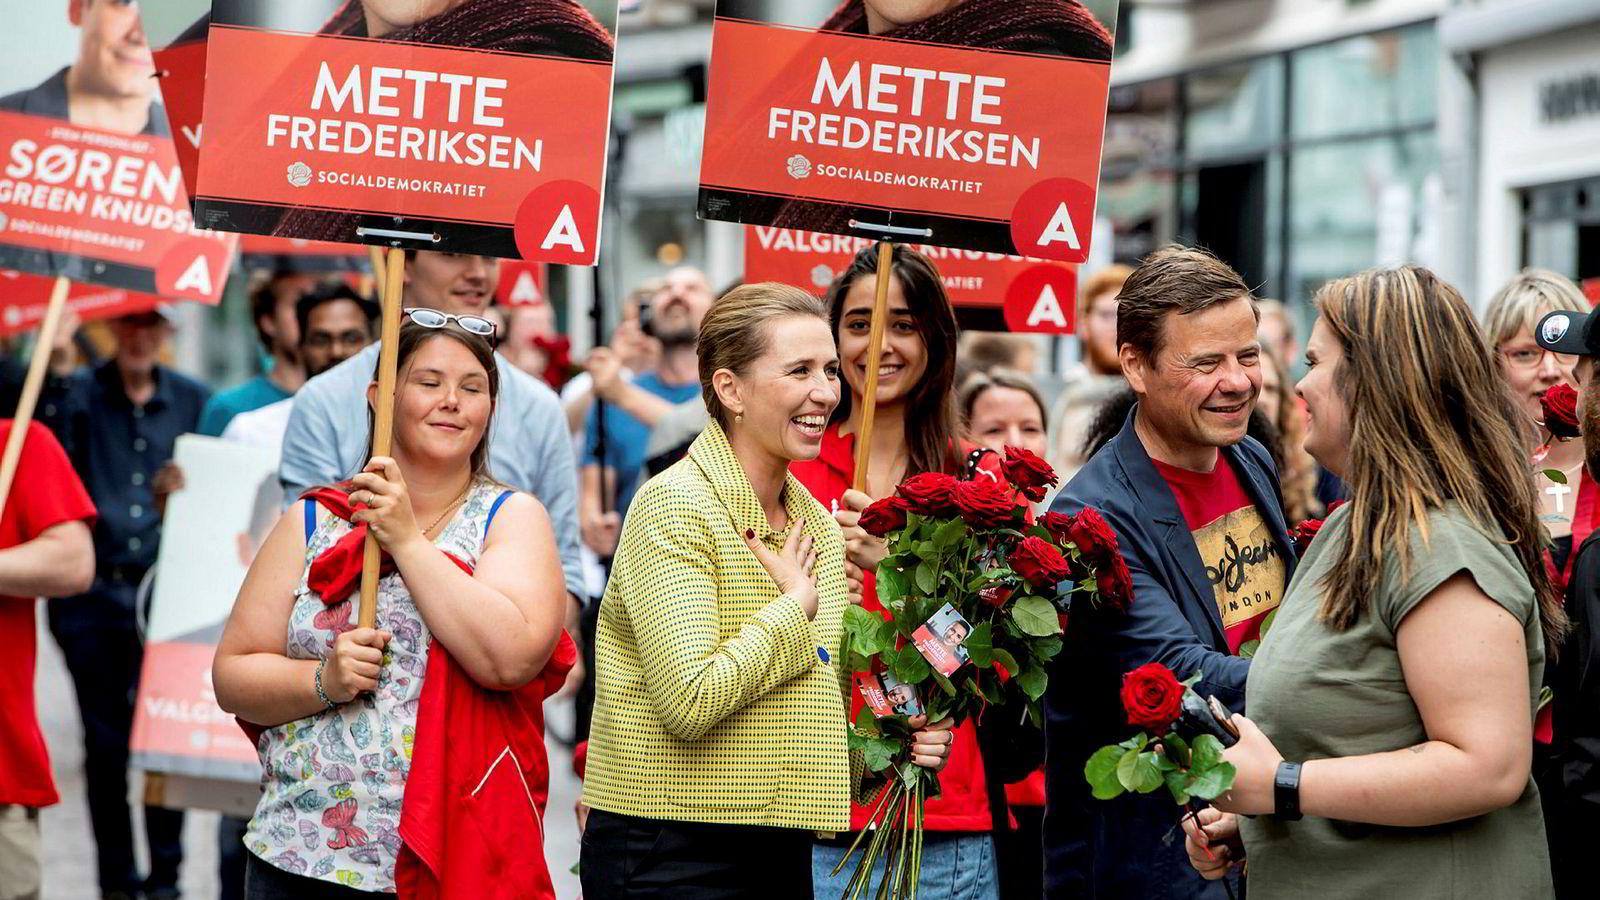 Mette Frederiksen fra Socialdemokratiet blir Danmarks nye statsminister.